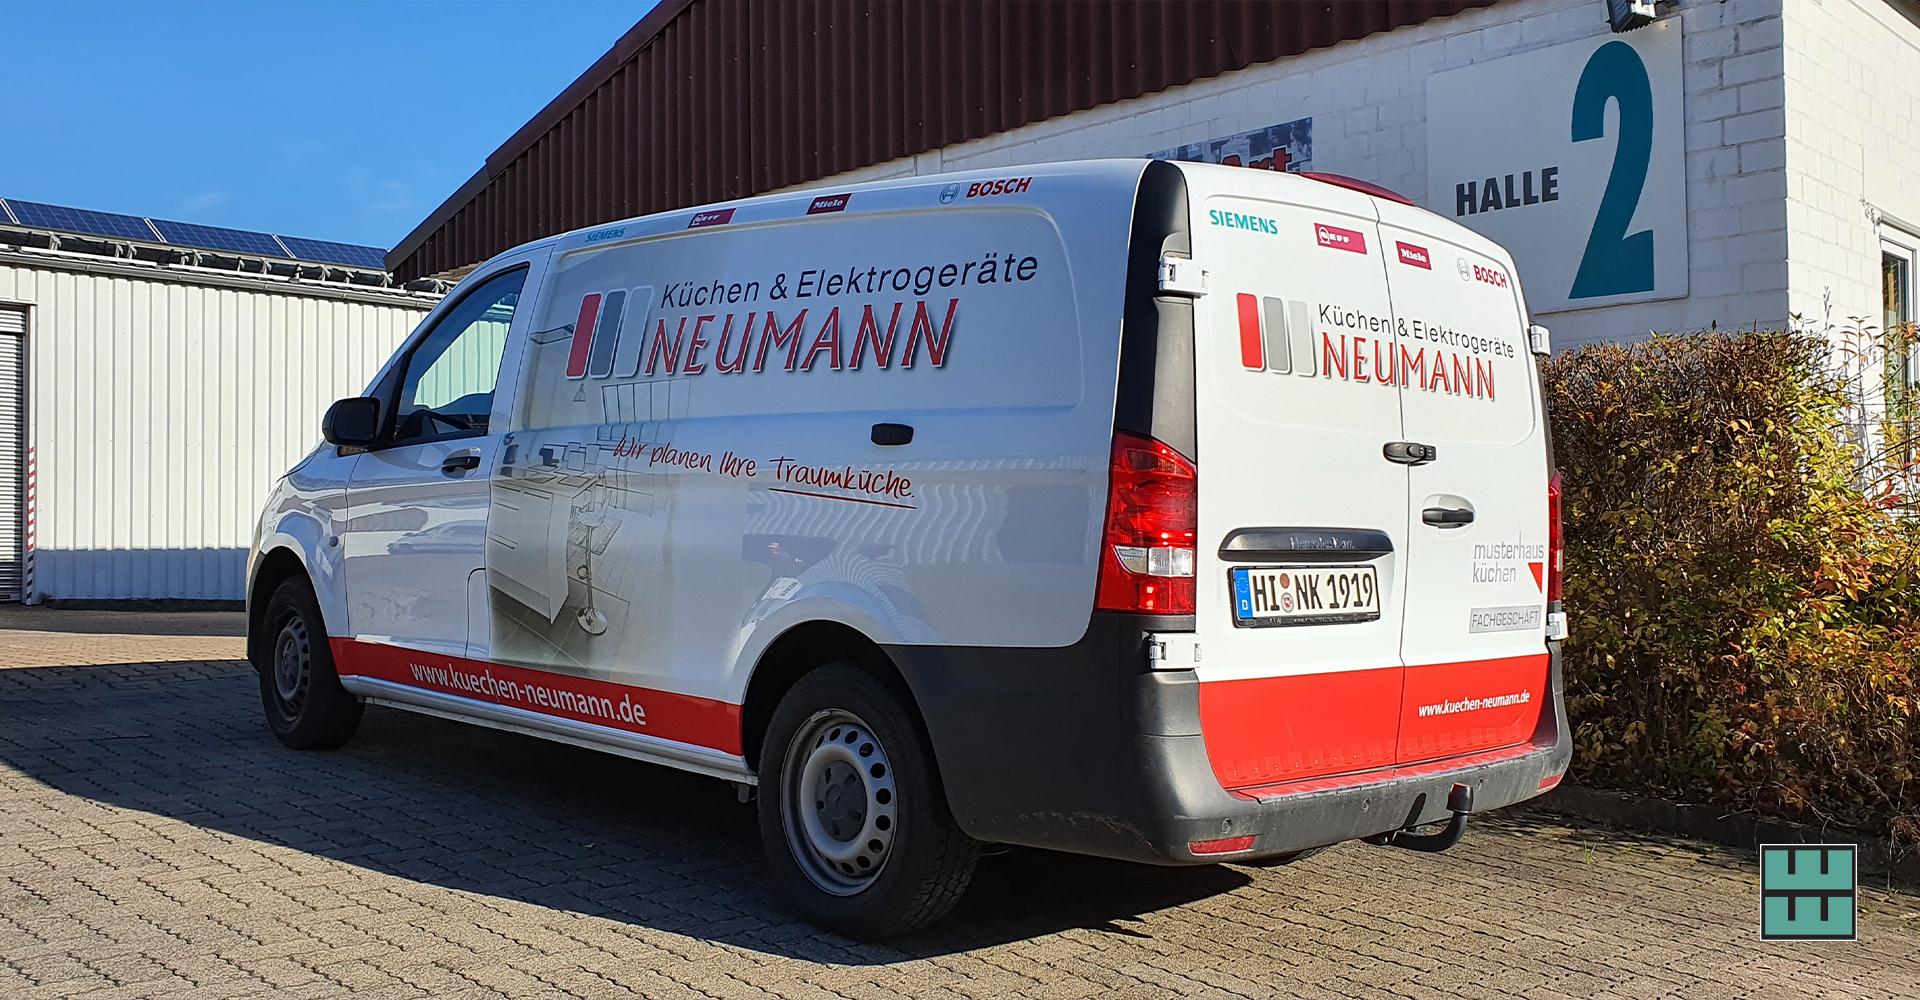 Neue KFZ-Beschriftung für den Küchenexperten Neumann